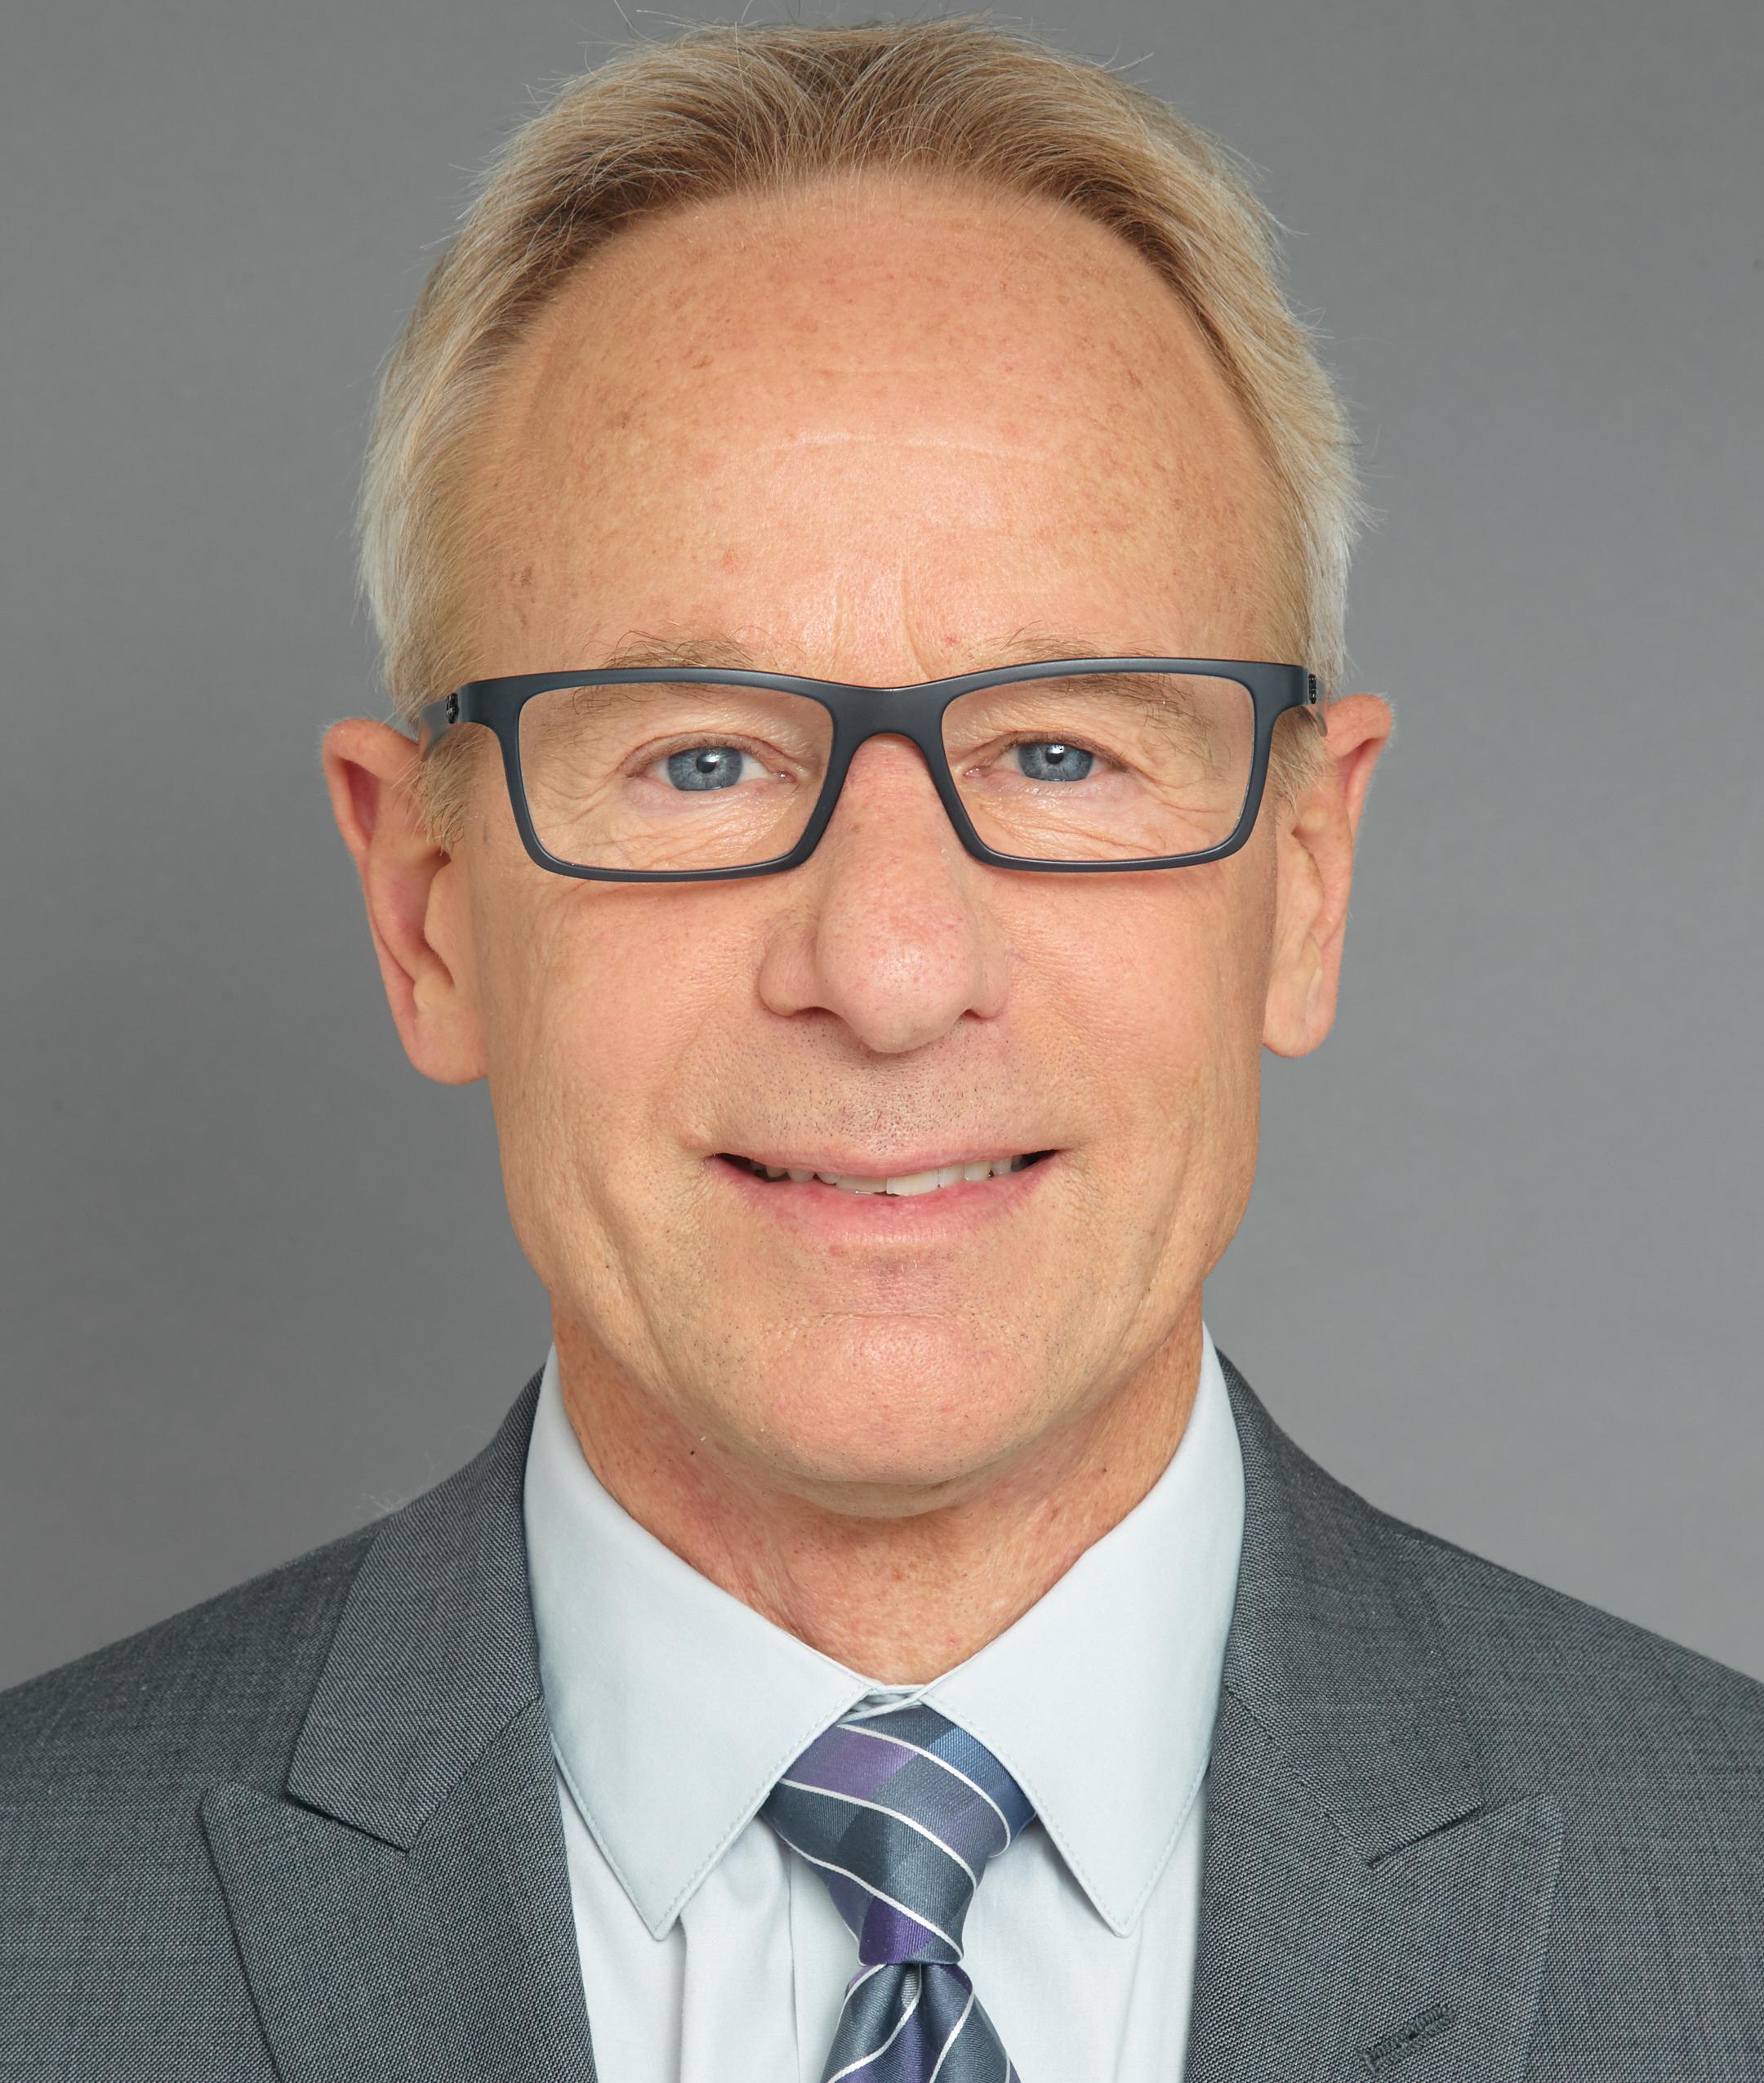 Gerry Schauer